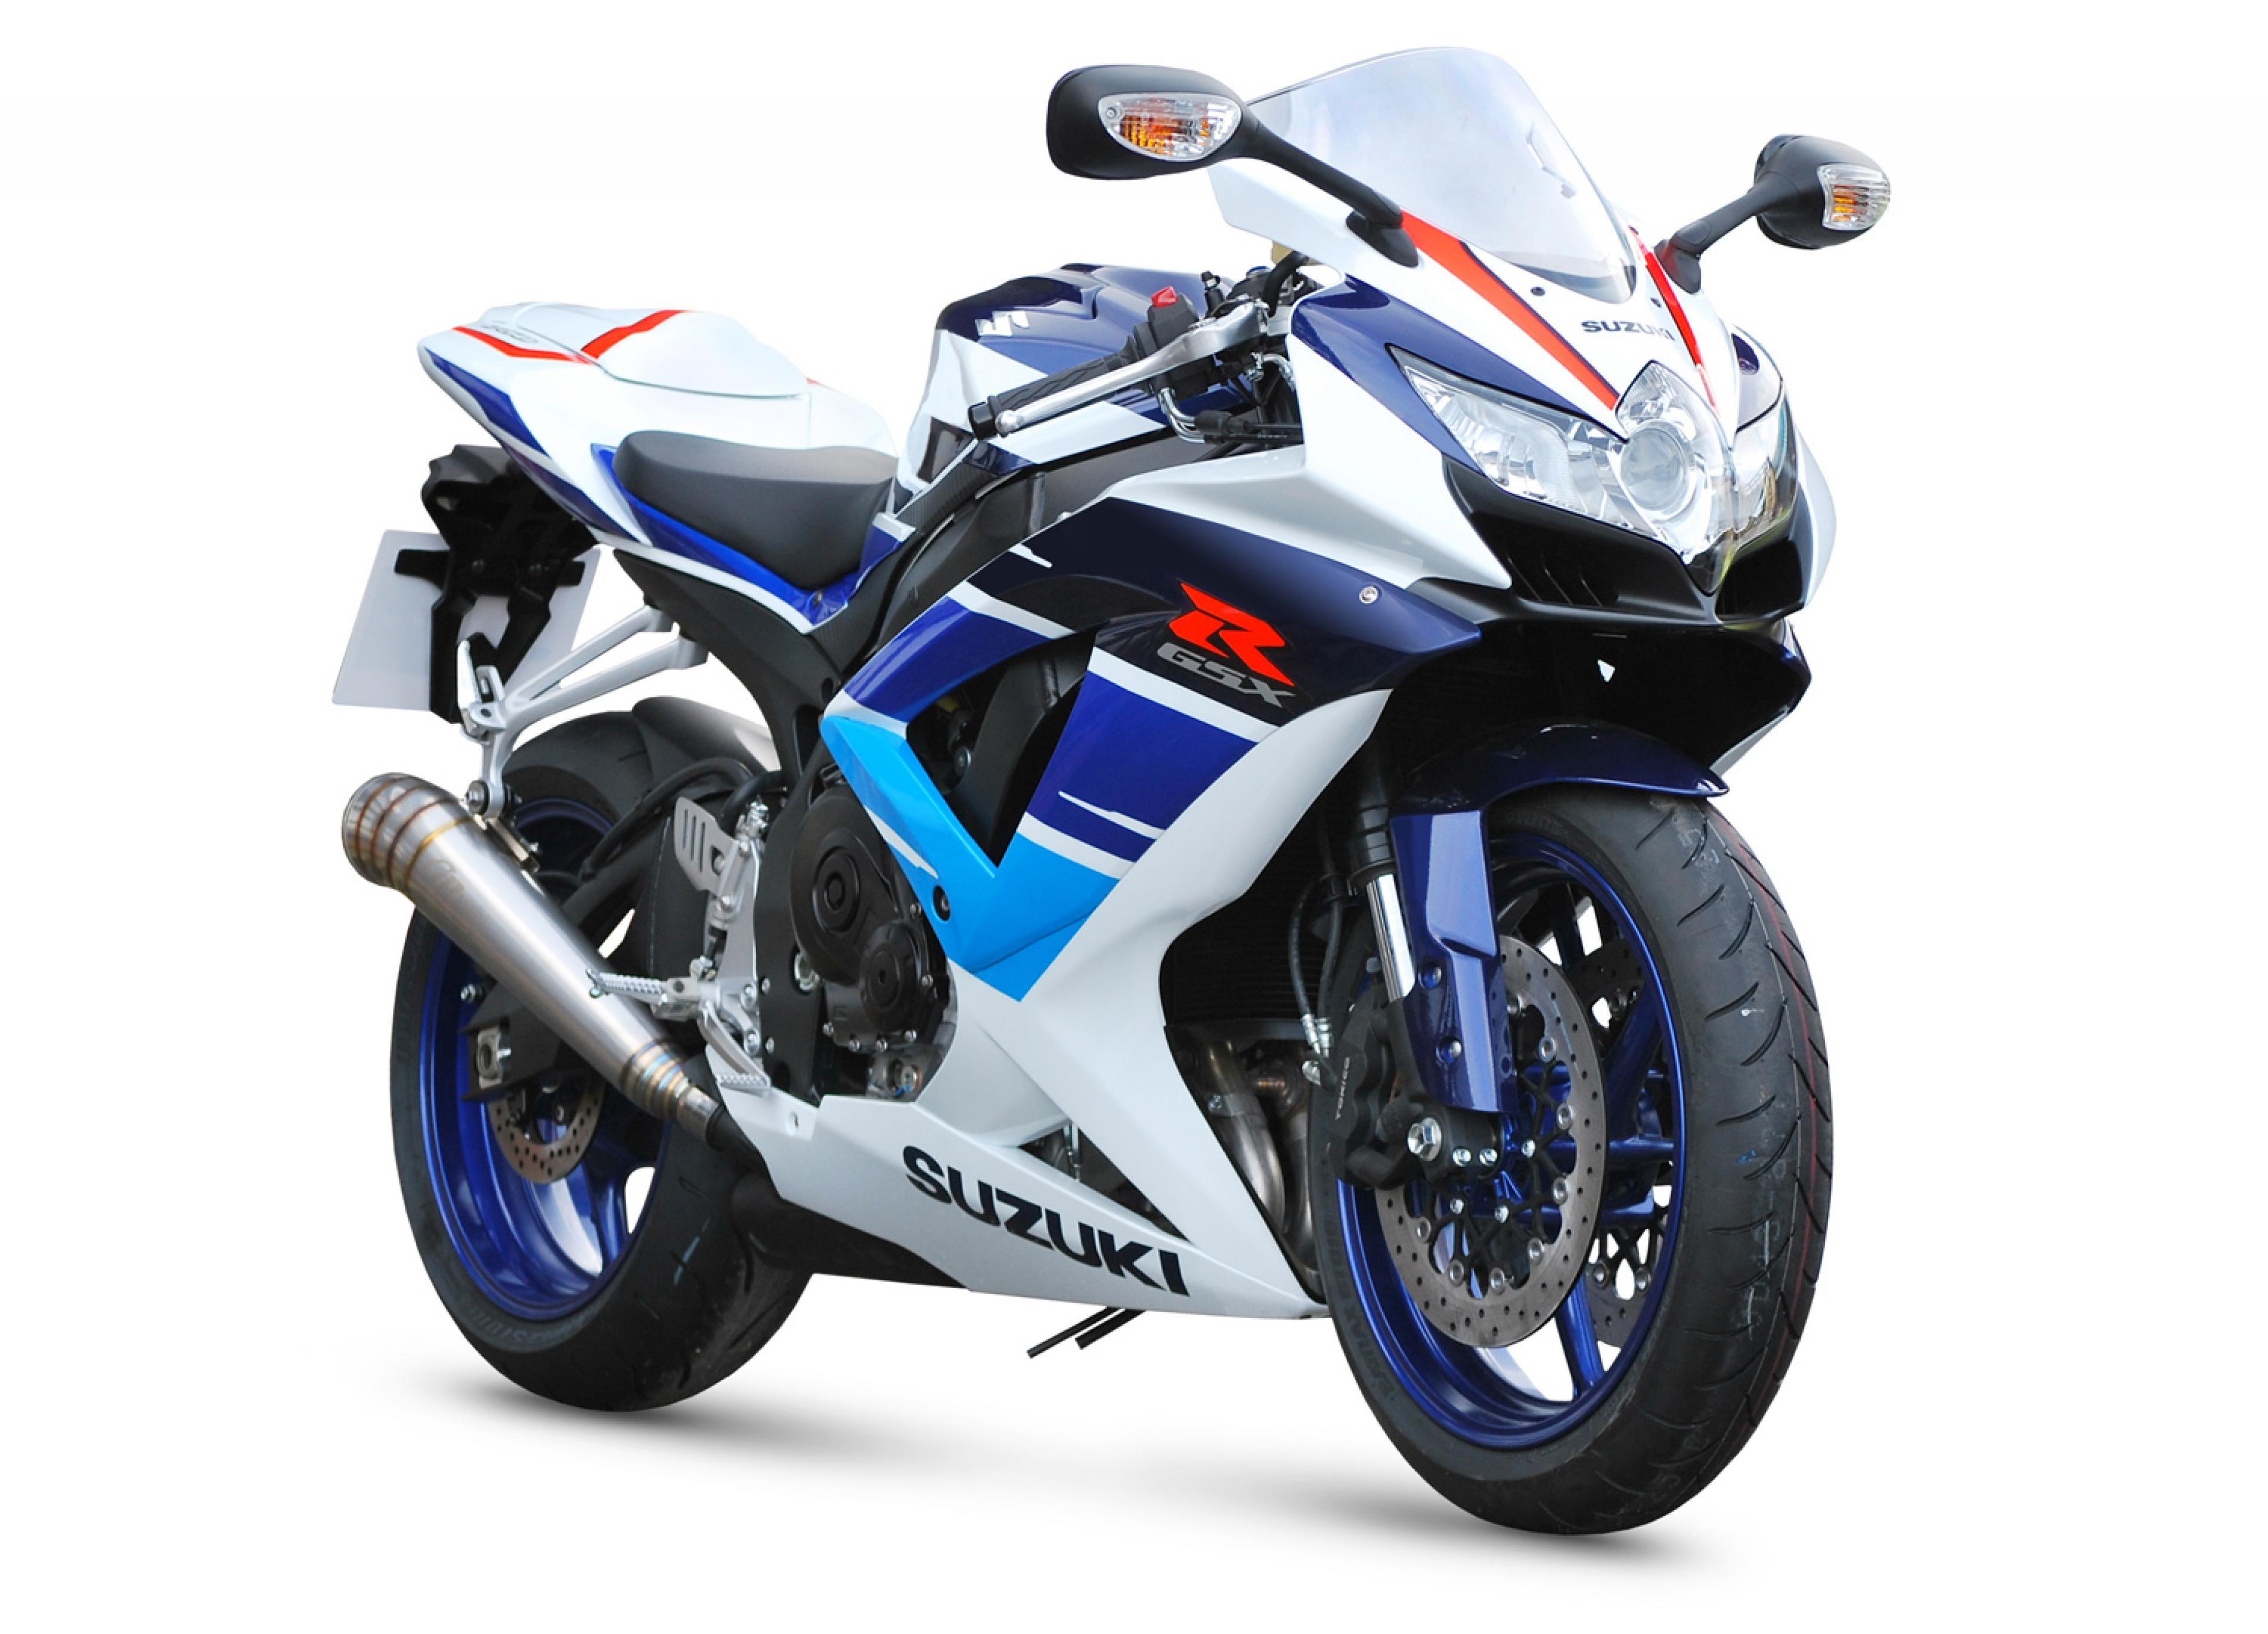 Suzuki GSX-R750 • For Sale • Price Guide • The Bike Market